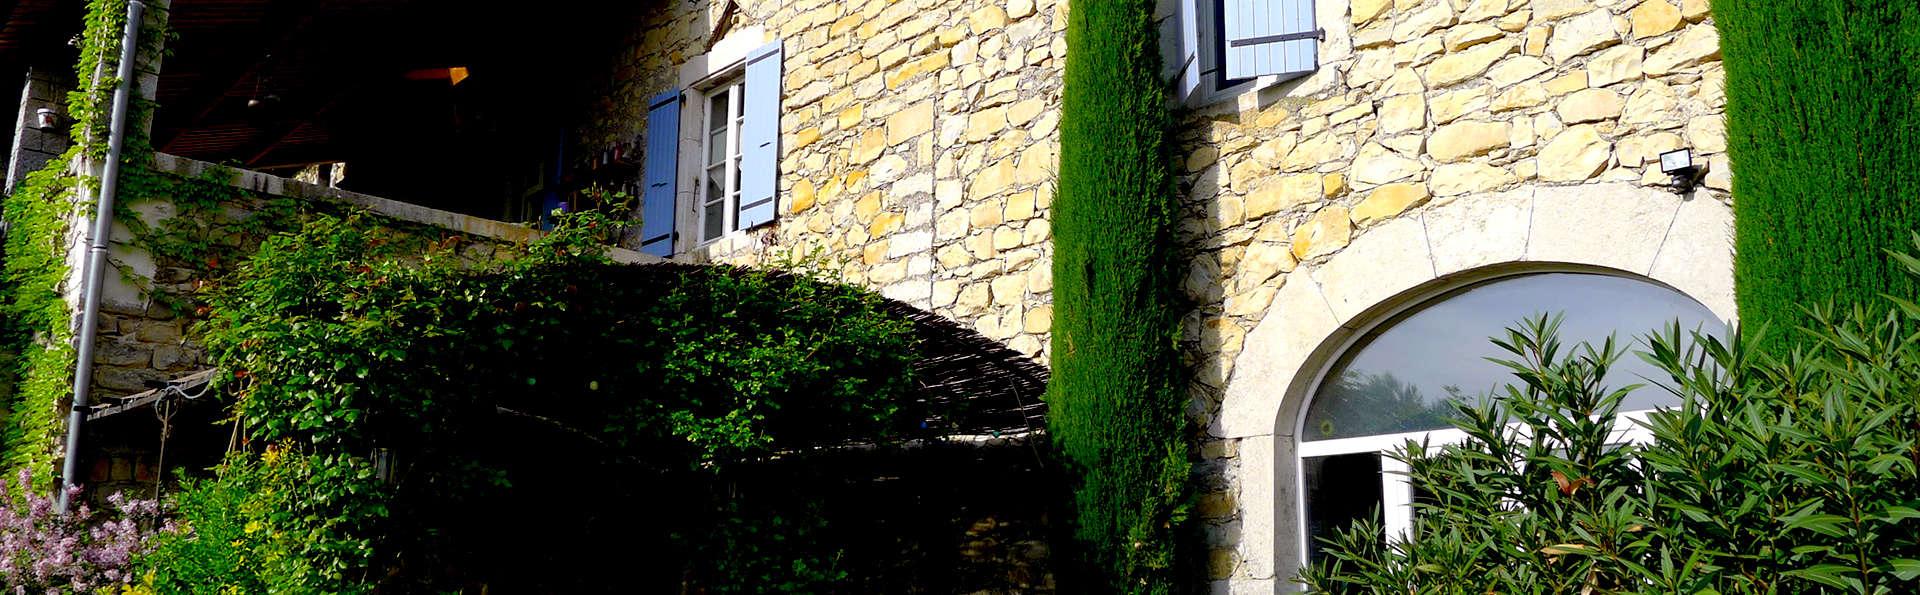 Chambre d'Hôtes - Domaine de la Manse - Edit_Front2.jpg